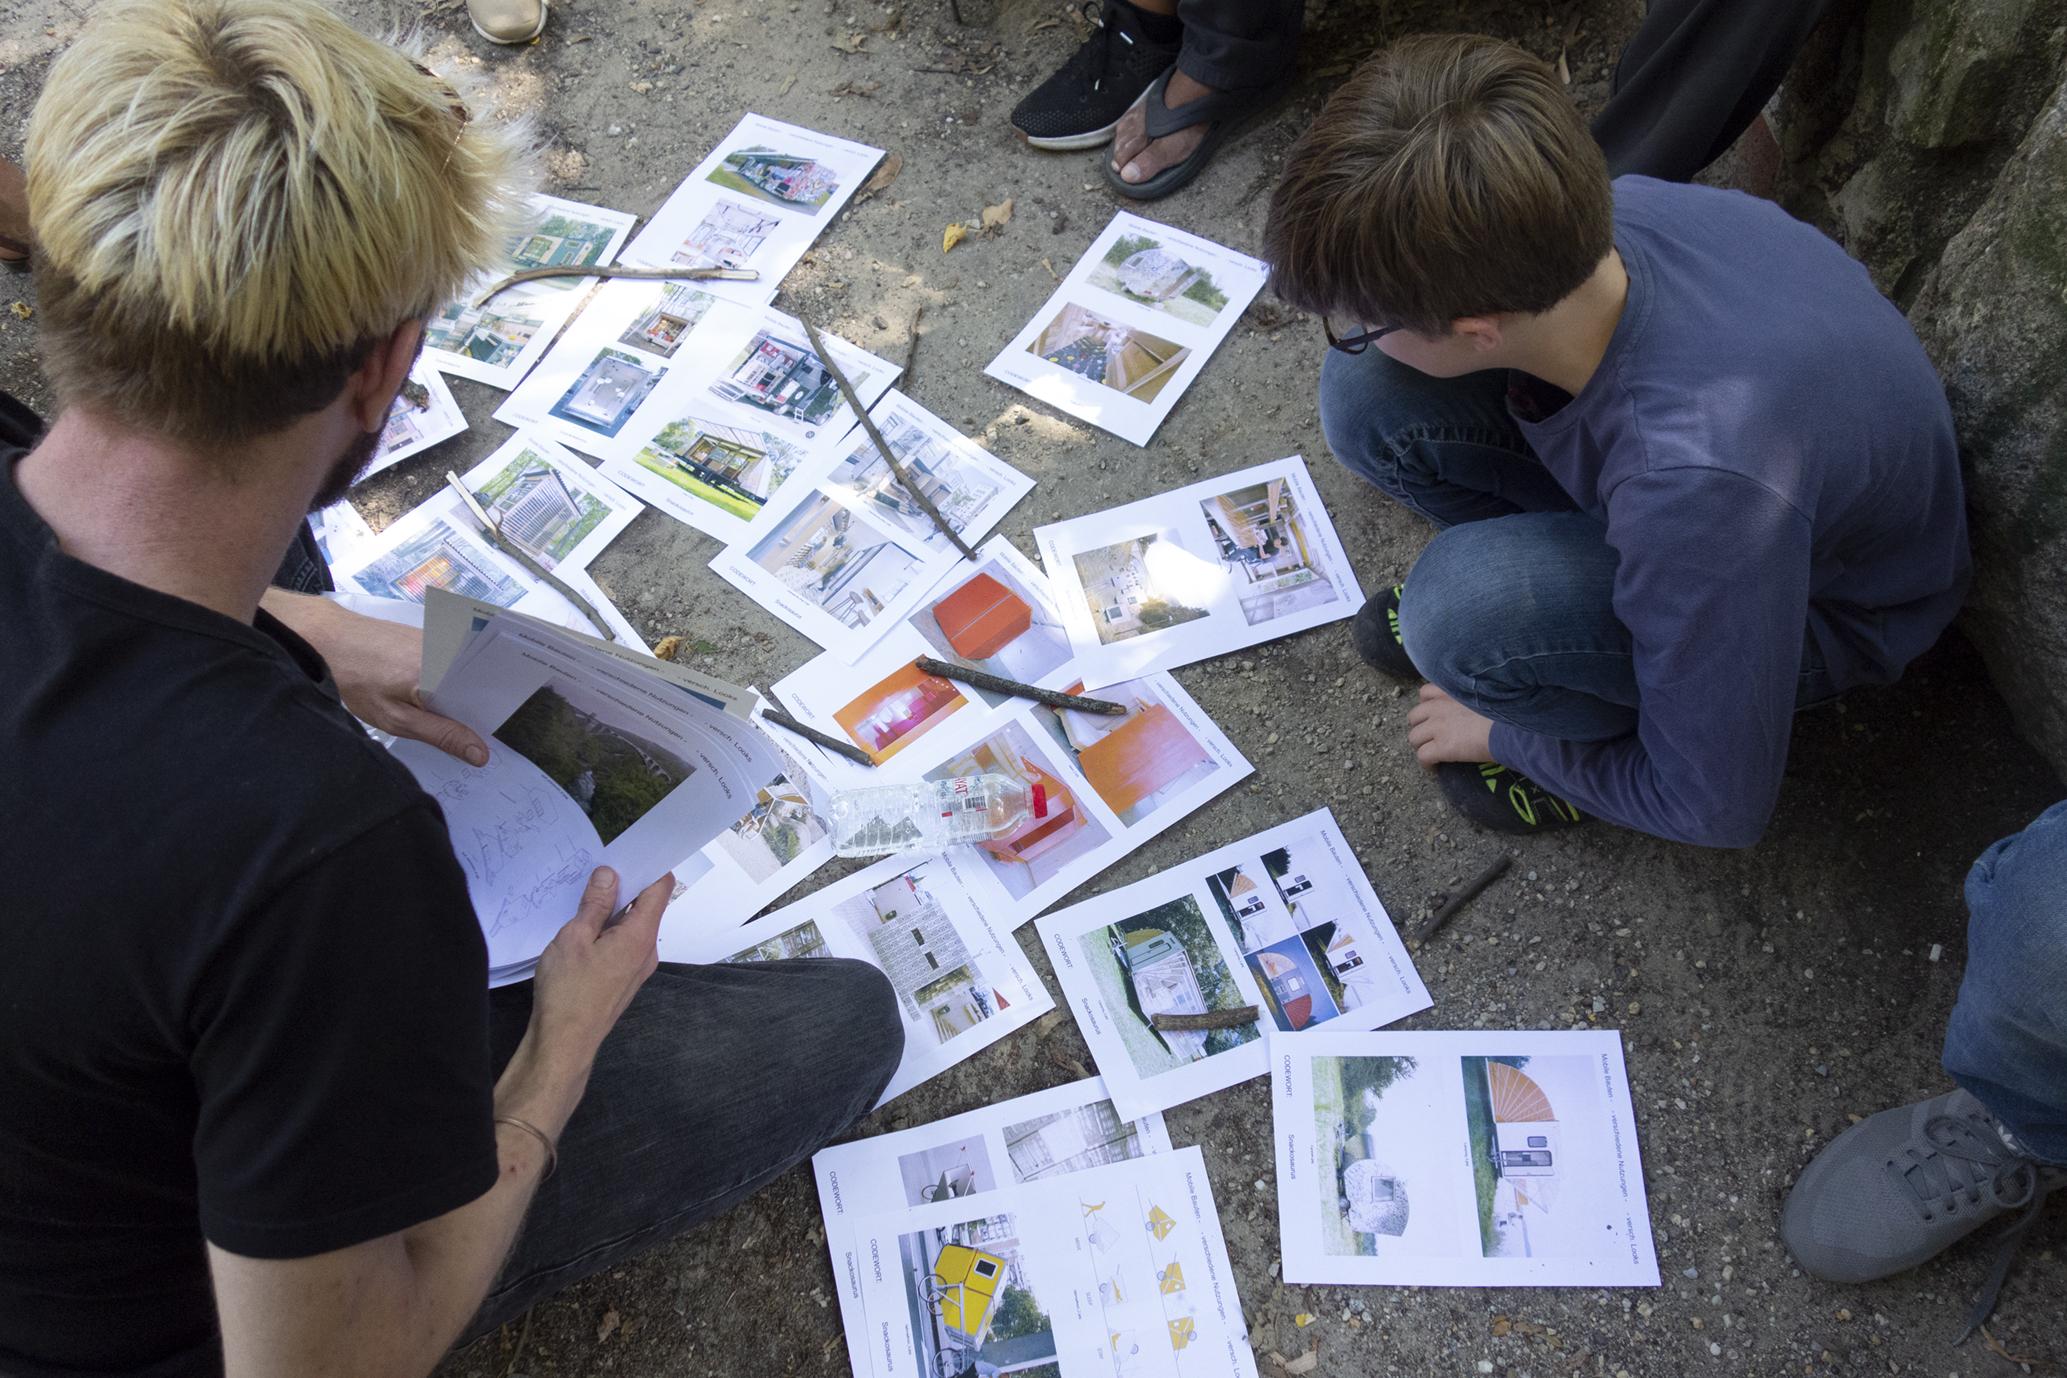 Ein junger Mann und ein Junge knien auf dem Fußboden. Vor ihnen sind mehrere Blätter mit Bildern ausgebreitet. Der Mann hält einige weitere Blätter mit Bildern in der Hand.